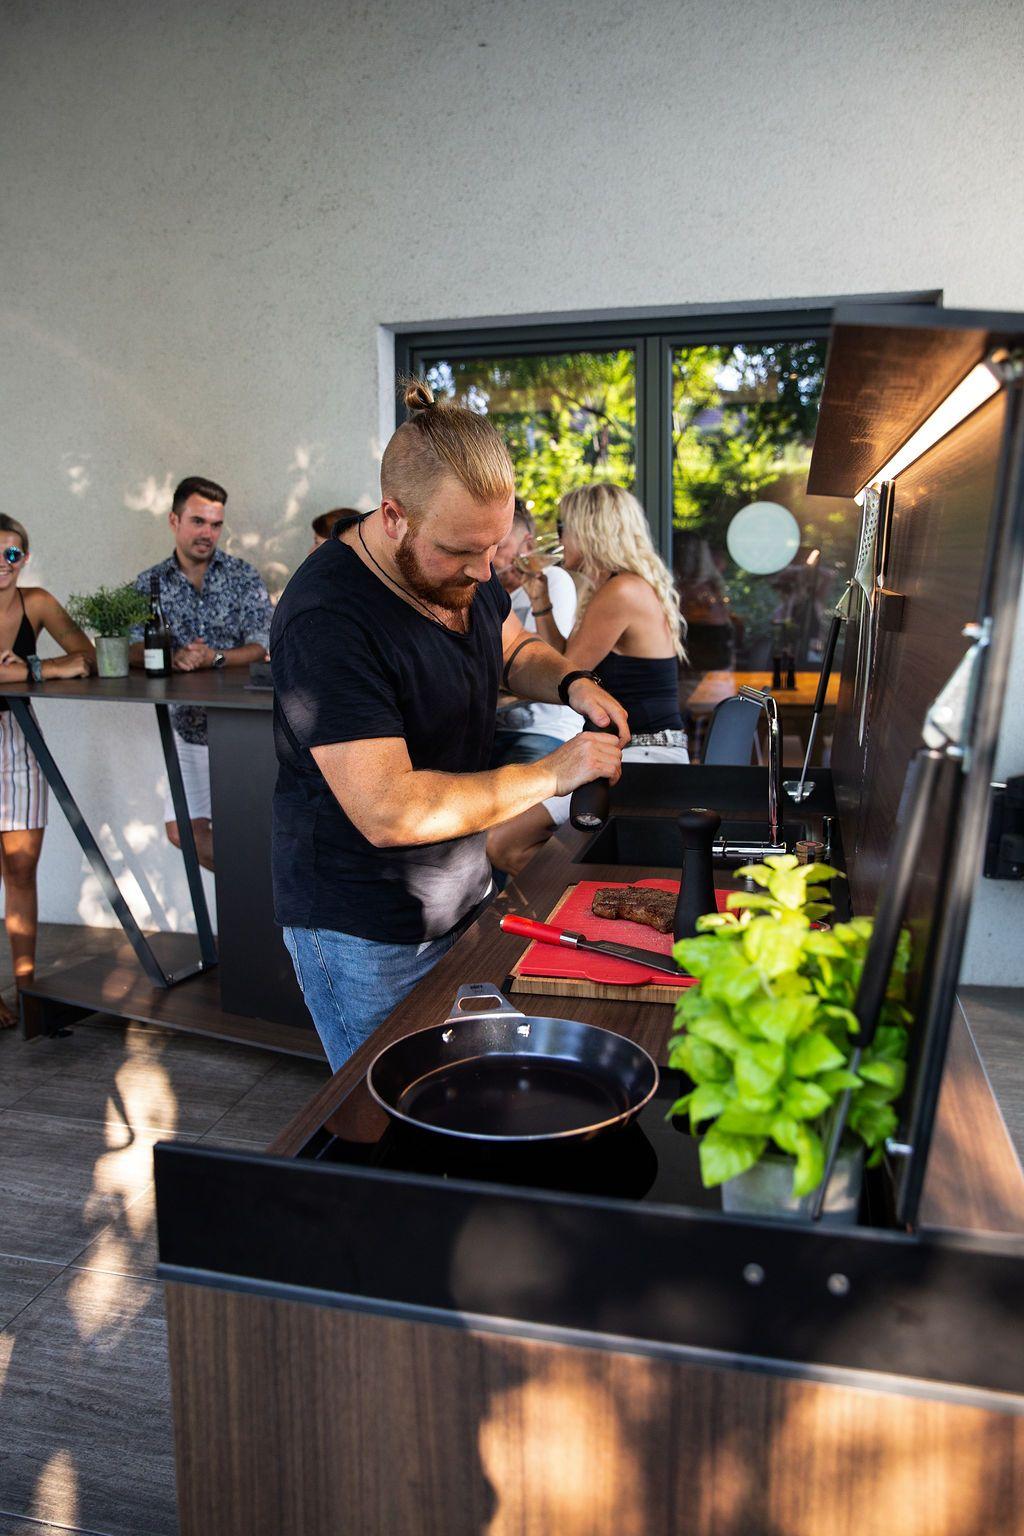 Outdoor kueche kochen2 - Eine Neuheit unter den Outdoorküchen: Die Grillbar